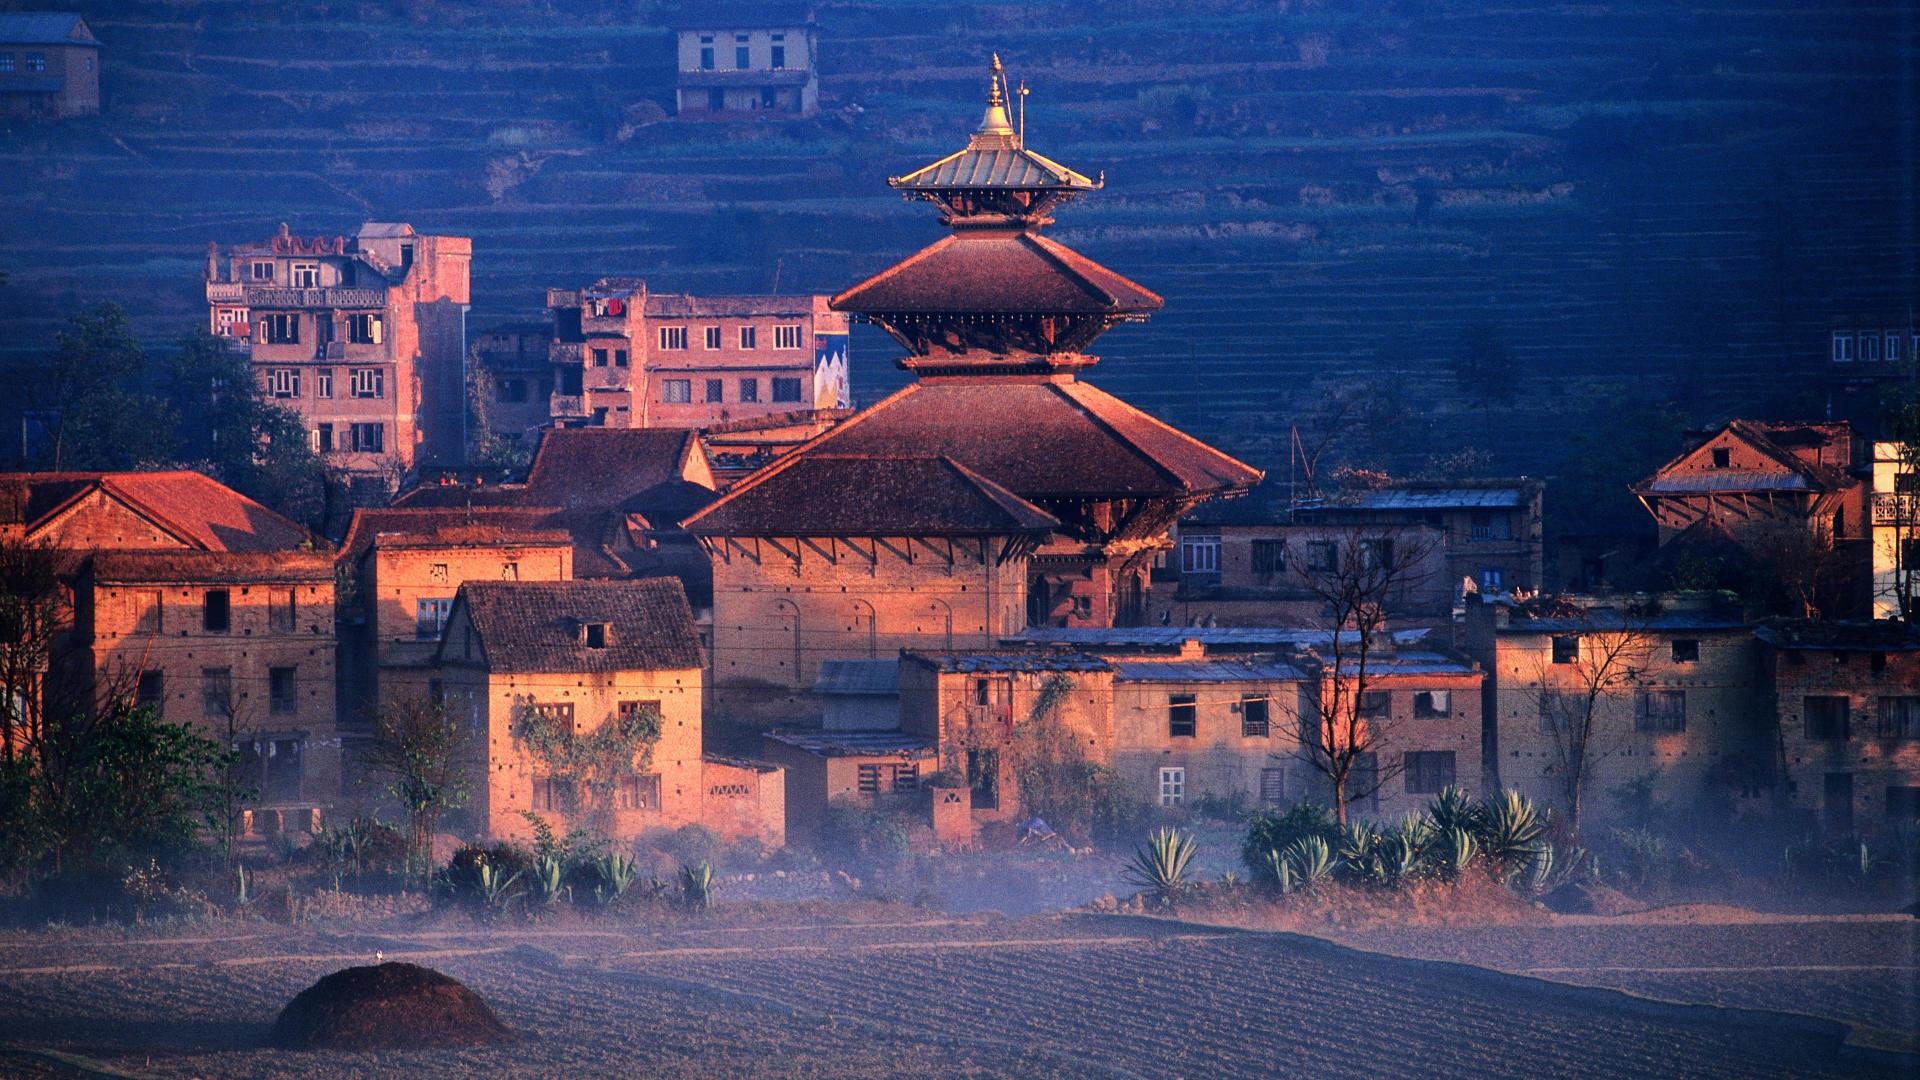 HD Wallpaper Nepal   httpwallpapermonkeycom 1920x1080